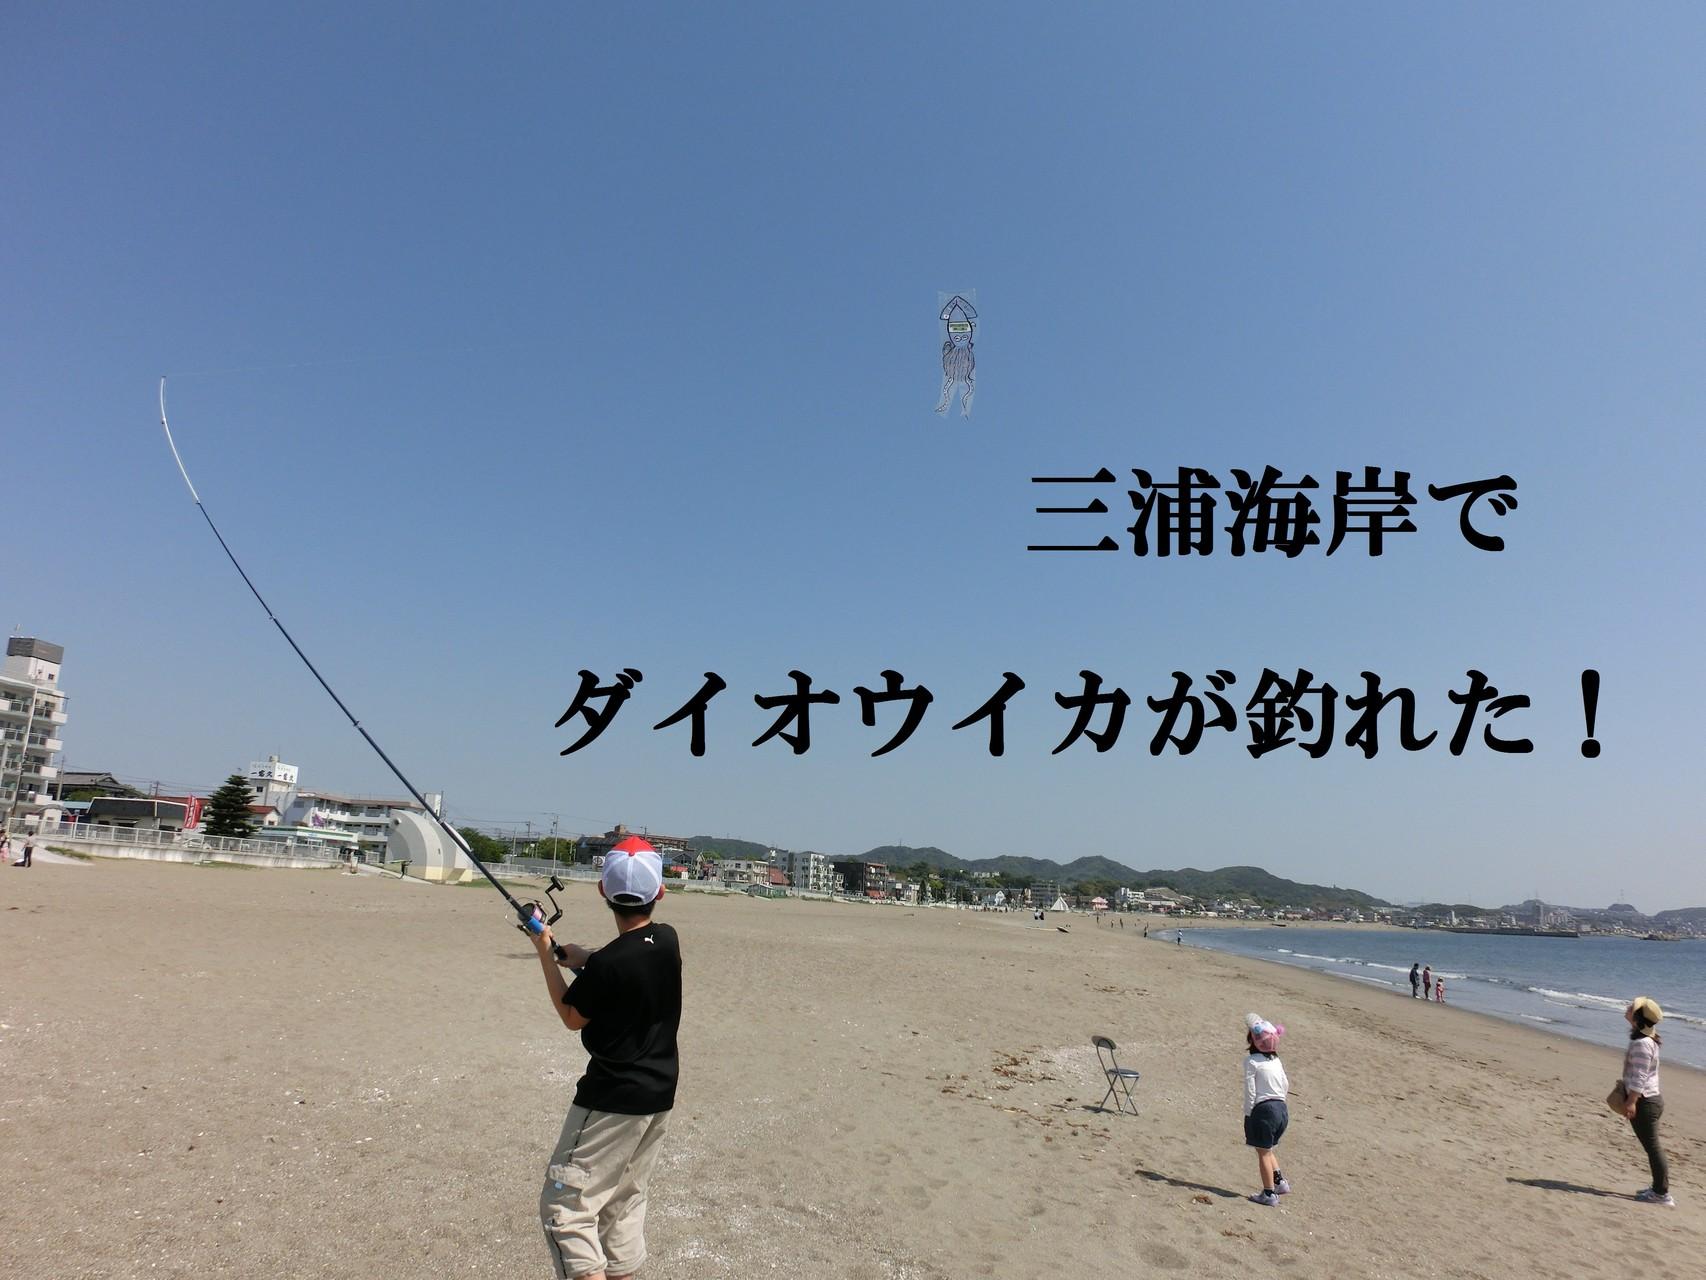 自然が残る 三浦海岸で 凄い人気でした